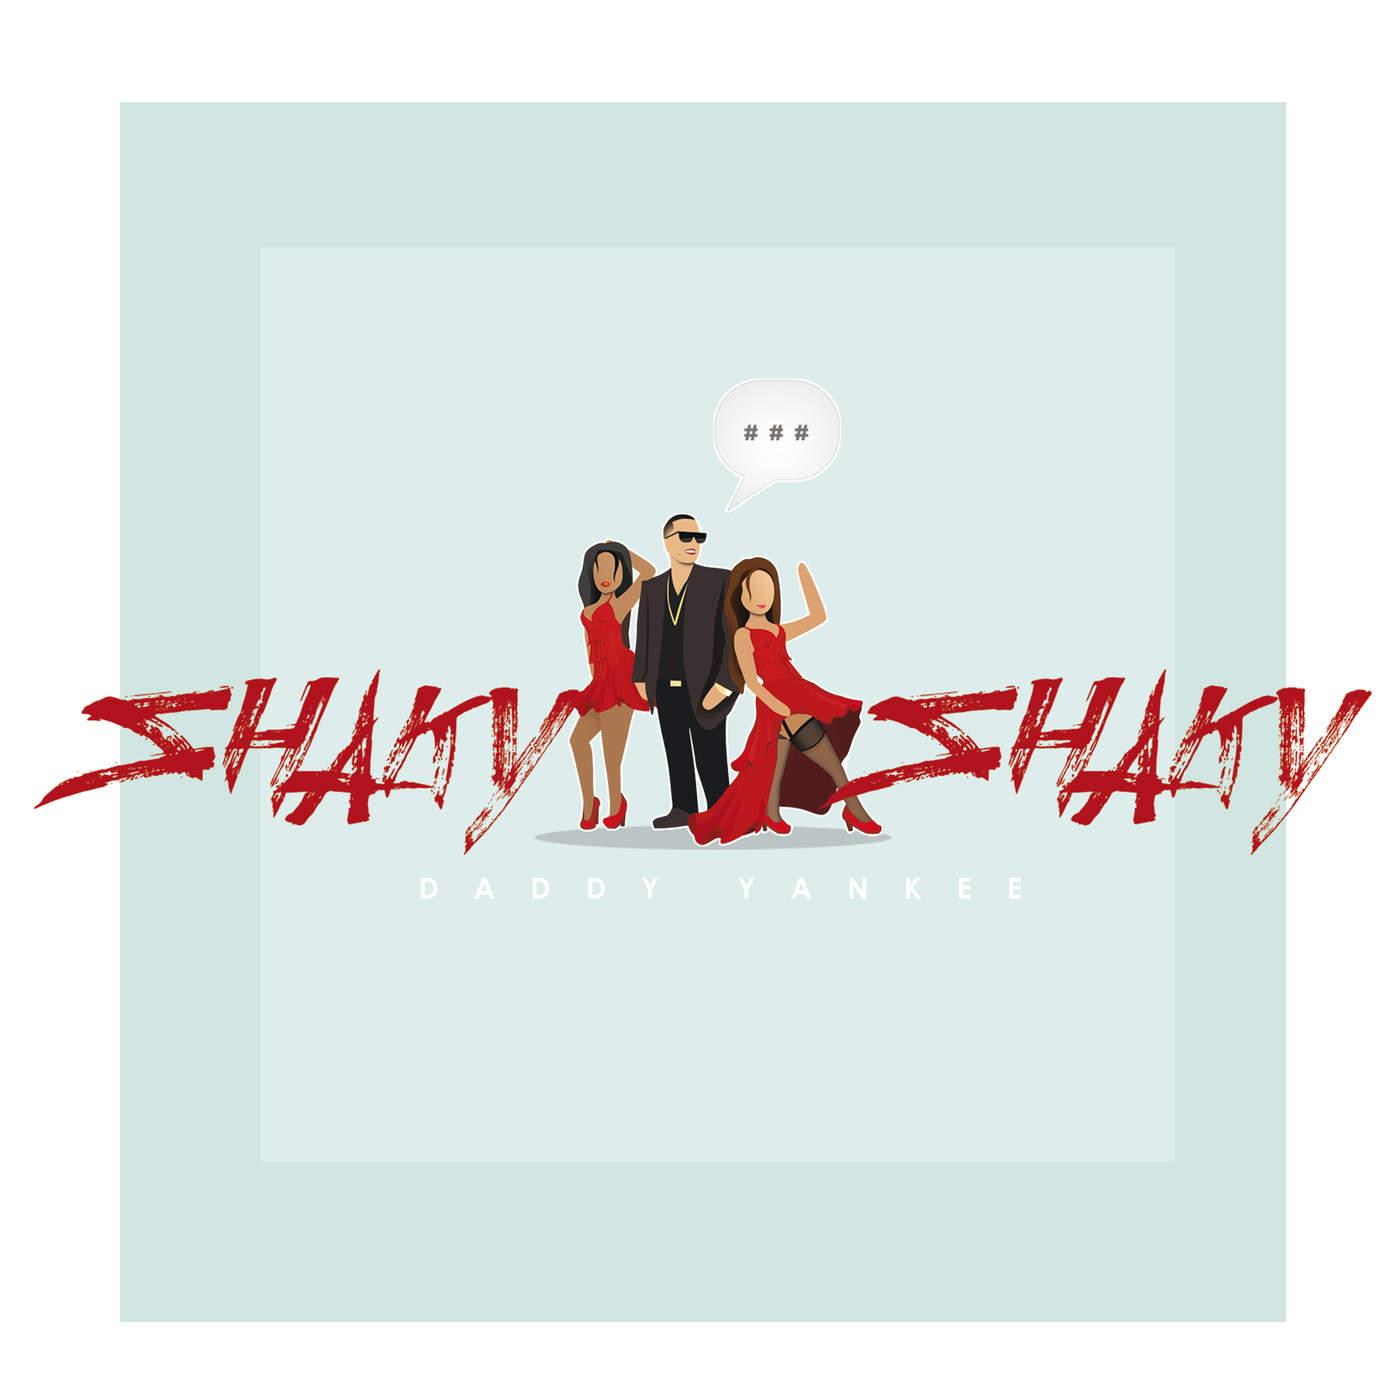 Daddy Yankee - Shaky Shaky - Single Cover